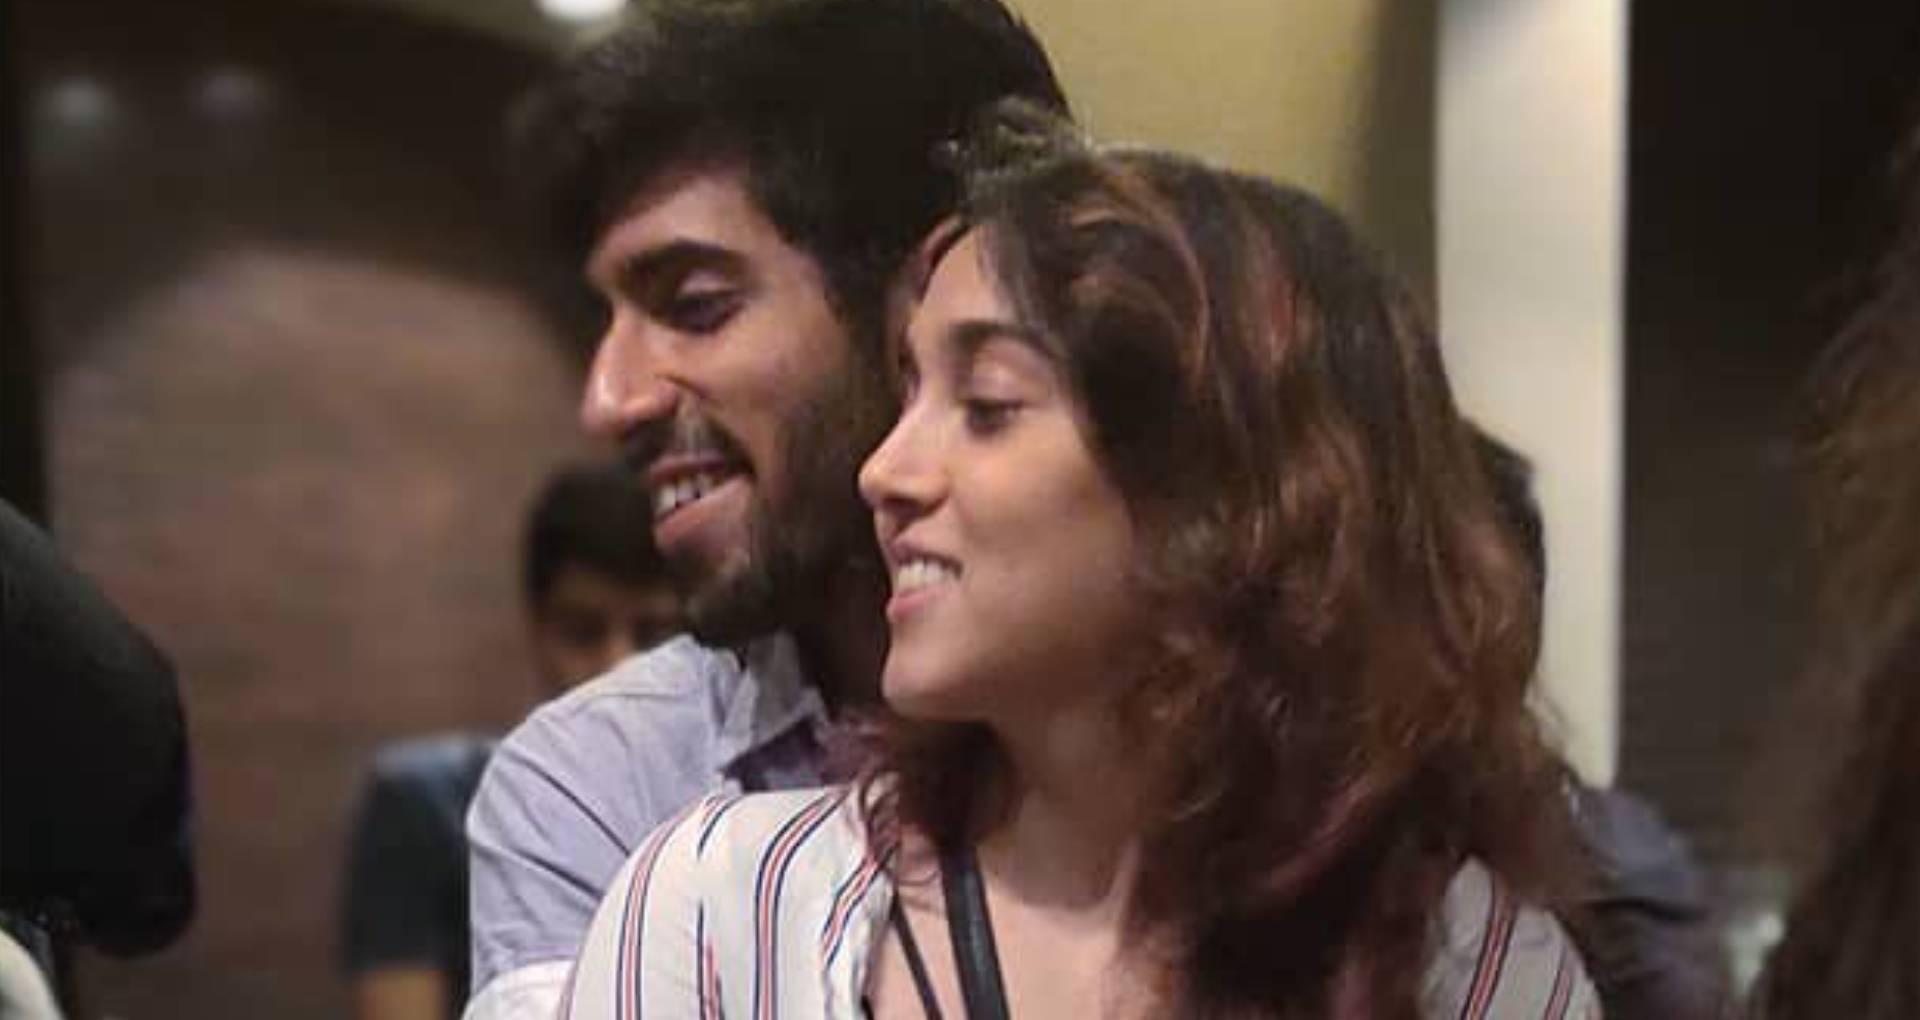 आमिर खान की बेटी इरा खान कर रही हैं अपने बॉयफ्रेंड को मिस, फोटो शेयर कर लिखा ये इमोशनल मैसेज